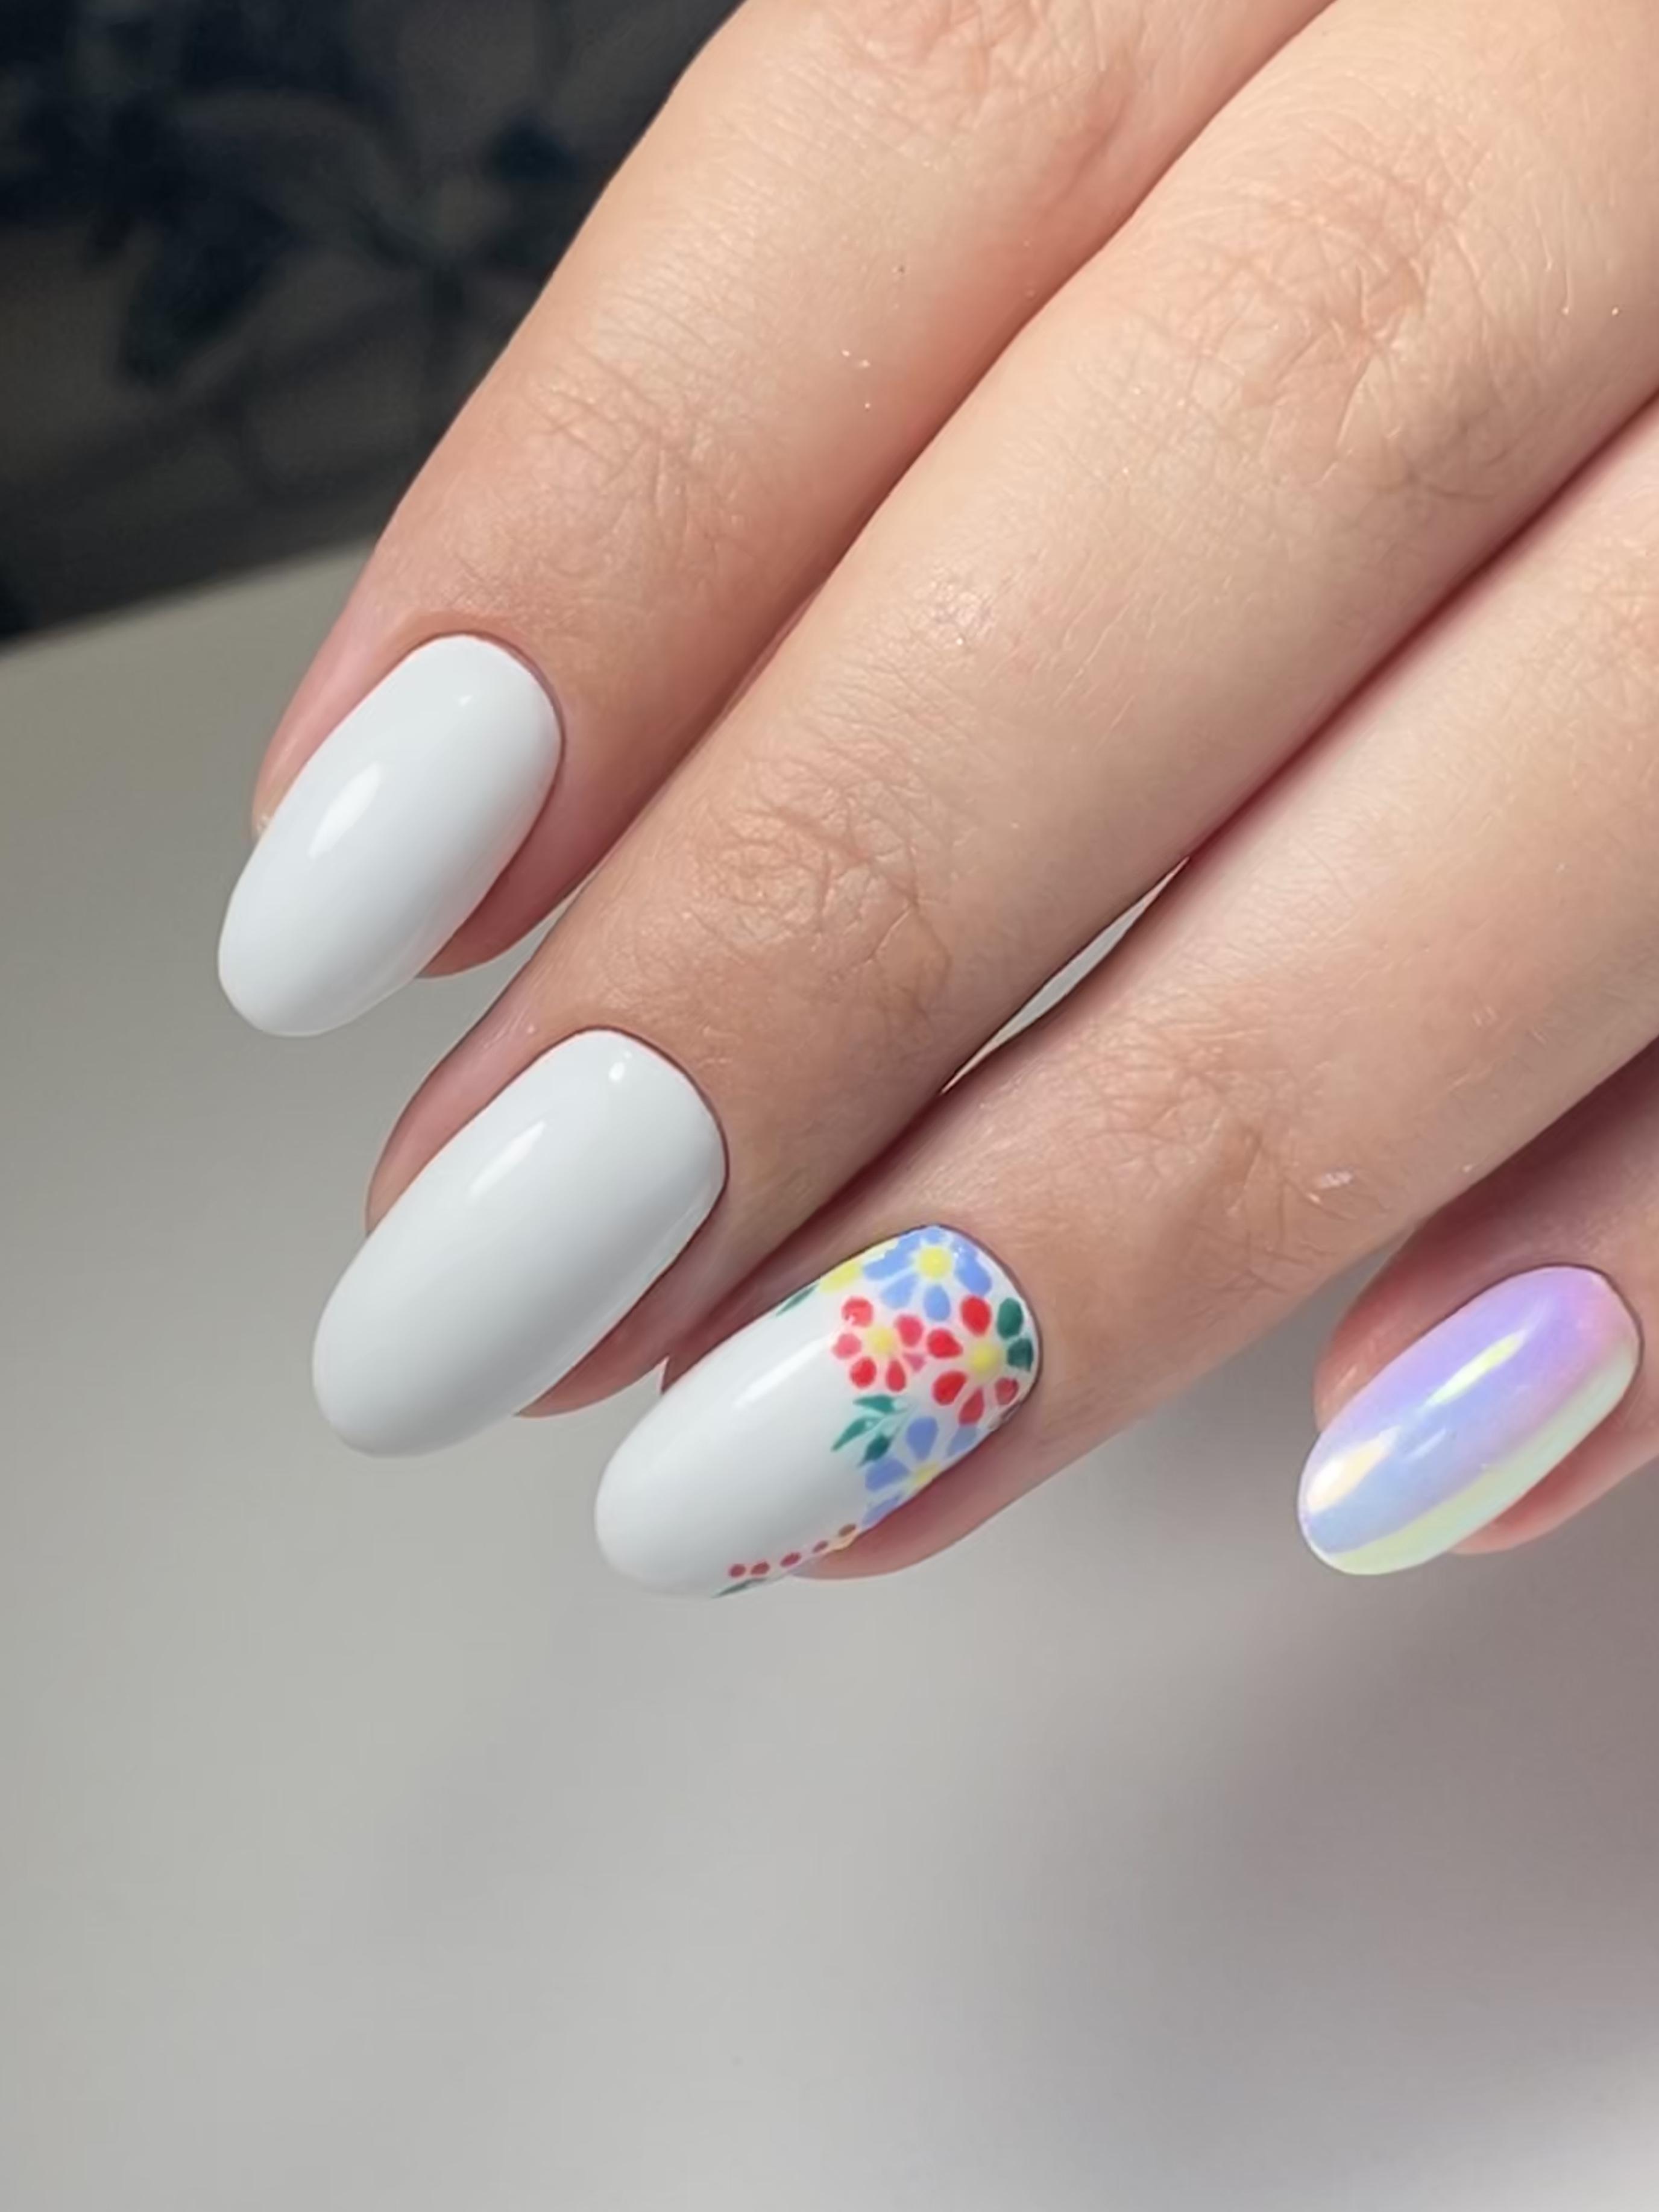 Маникюр с цветочным рисунком и втиркой в белом цвете на короткие ногти.